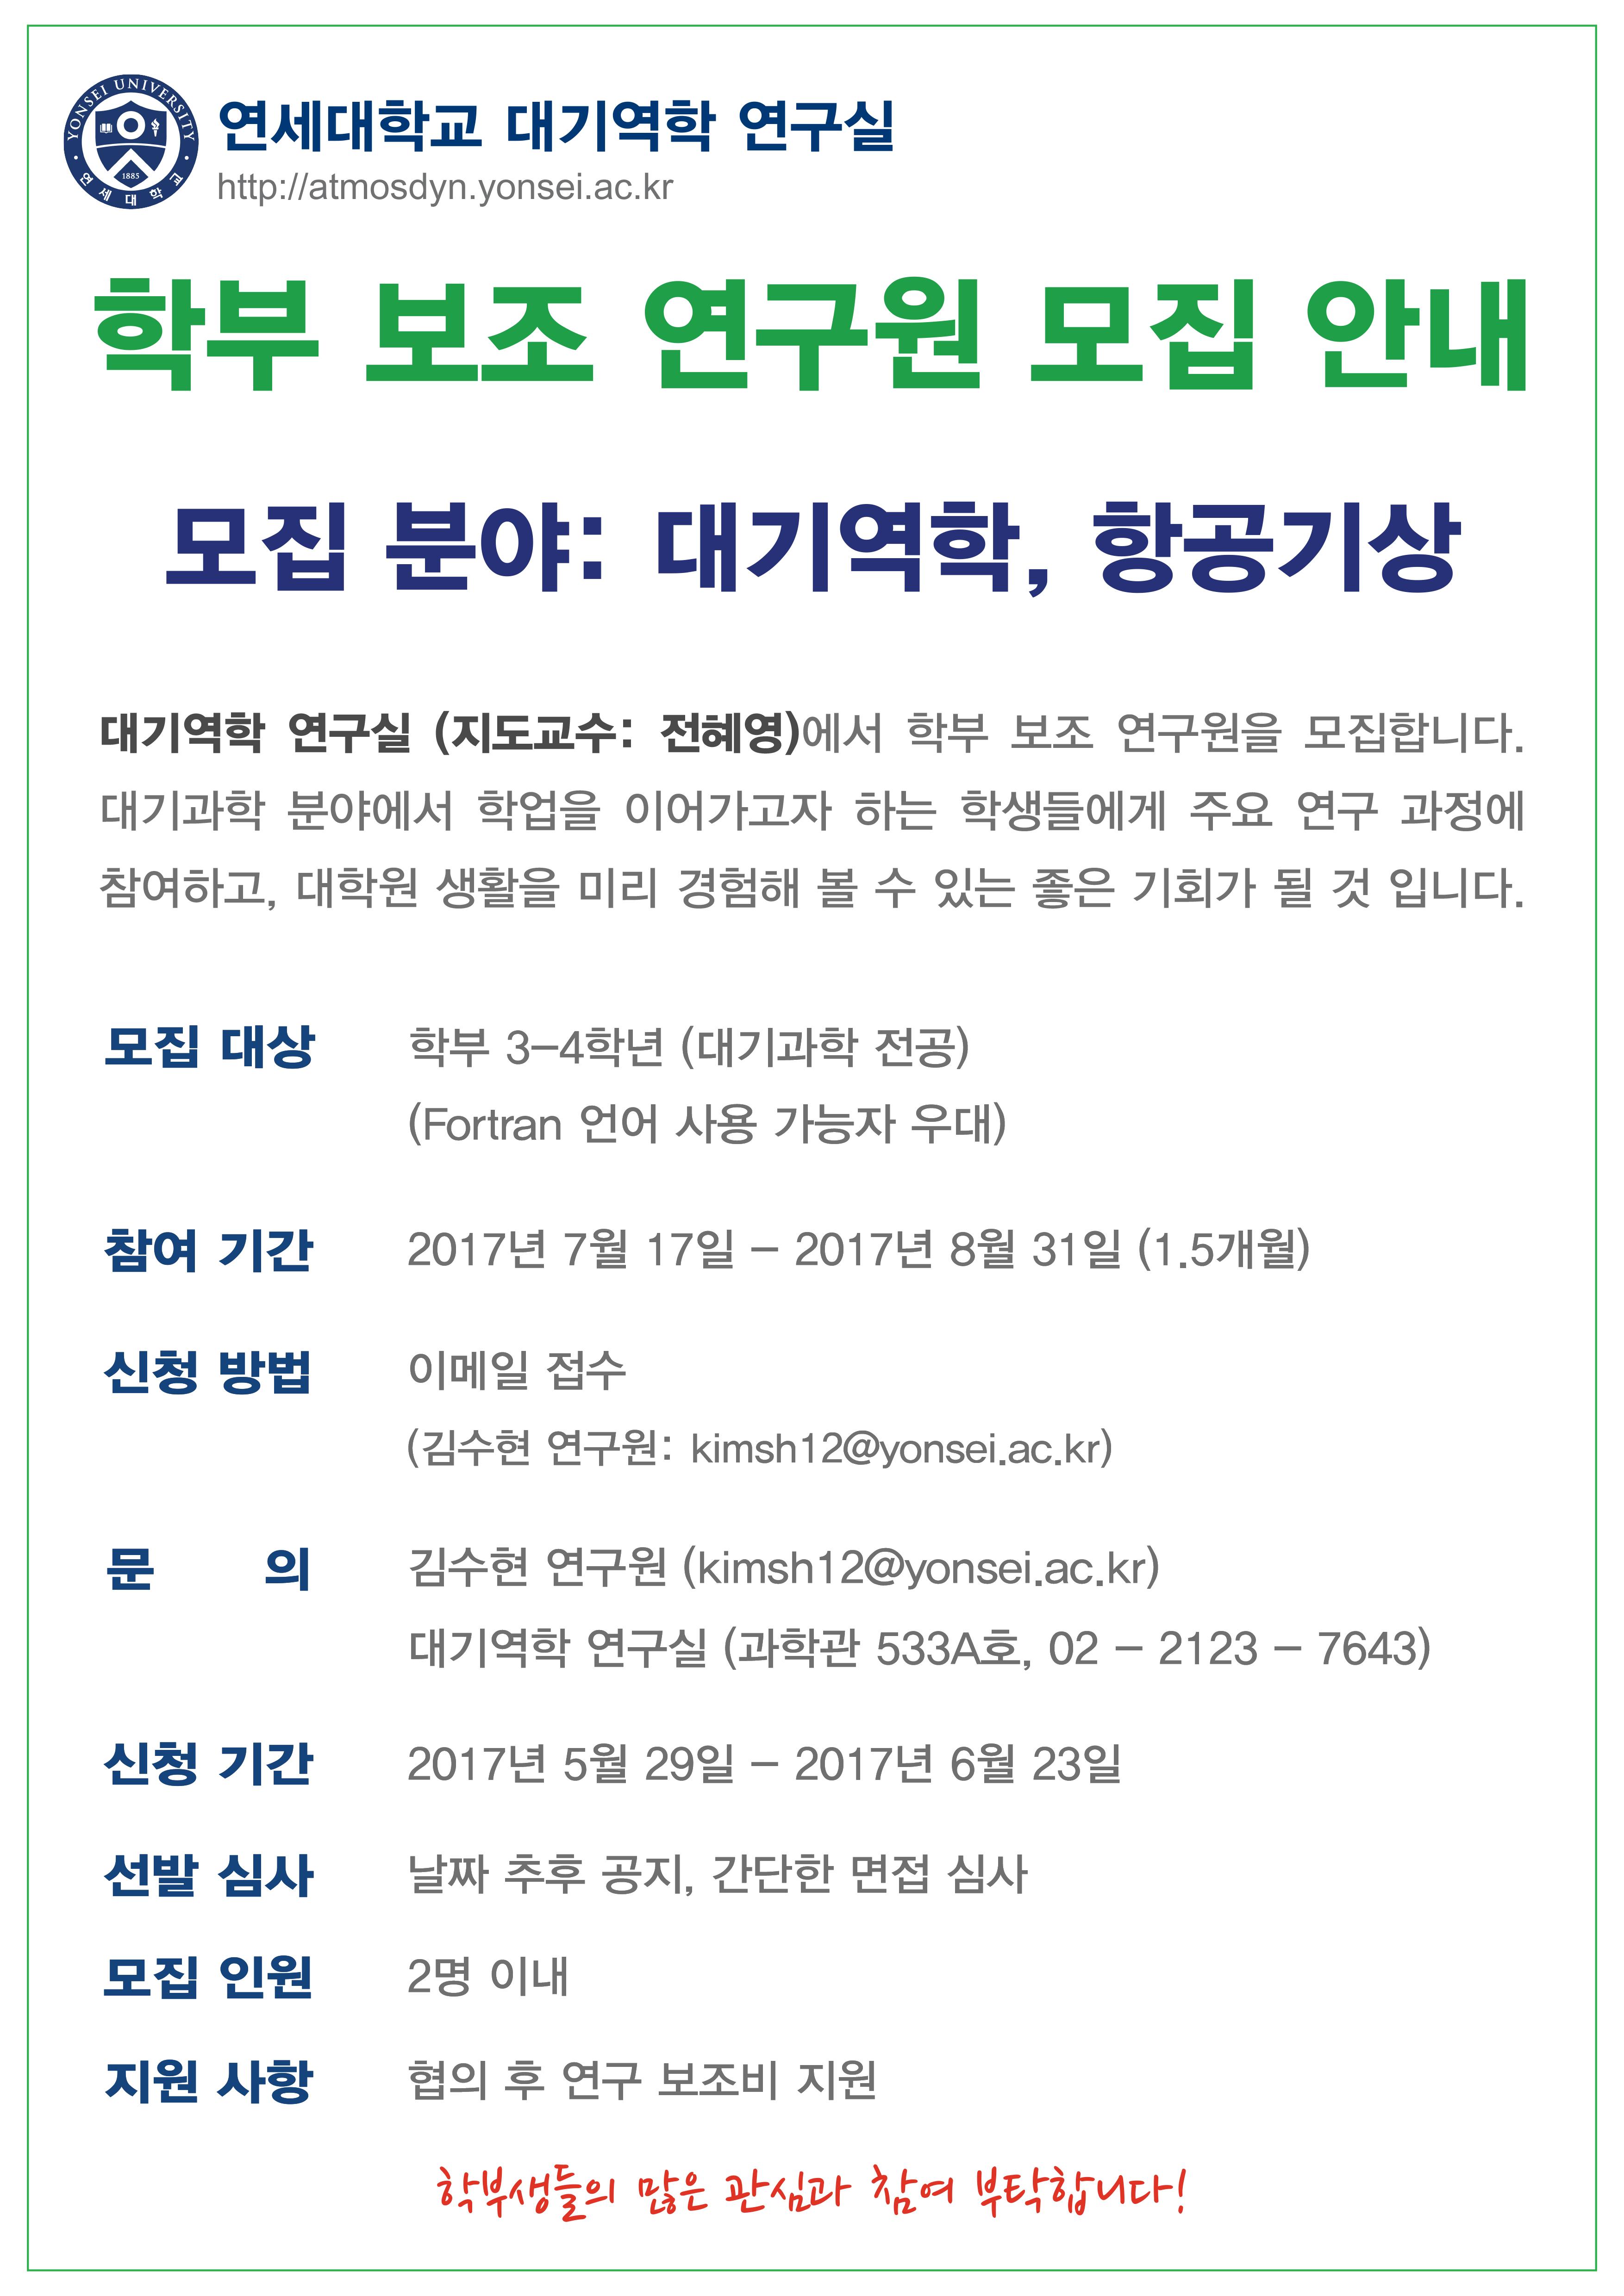 모집공고_인턴모집공고_17년도_하반기.png